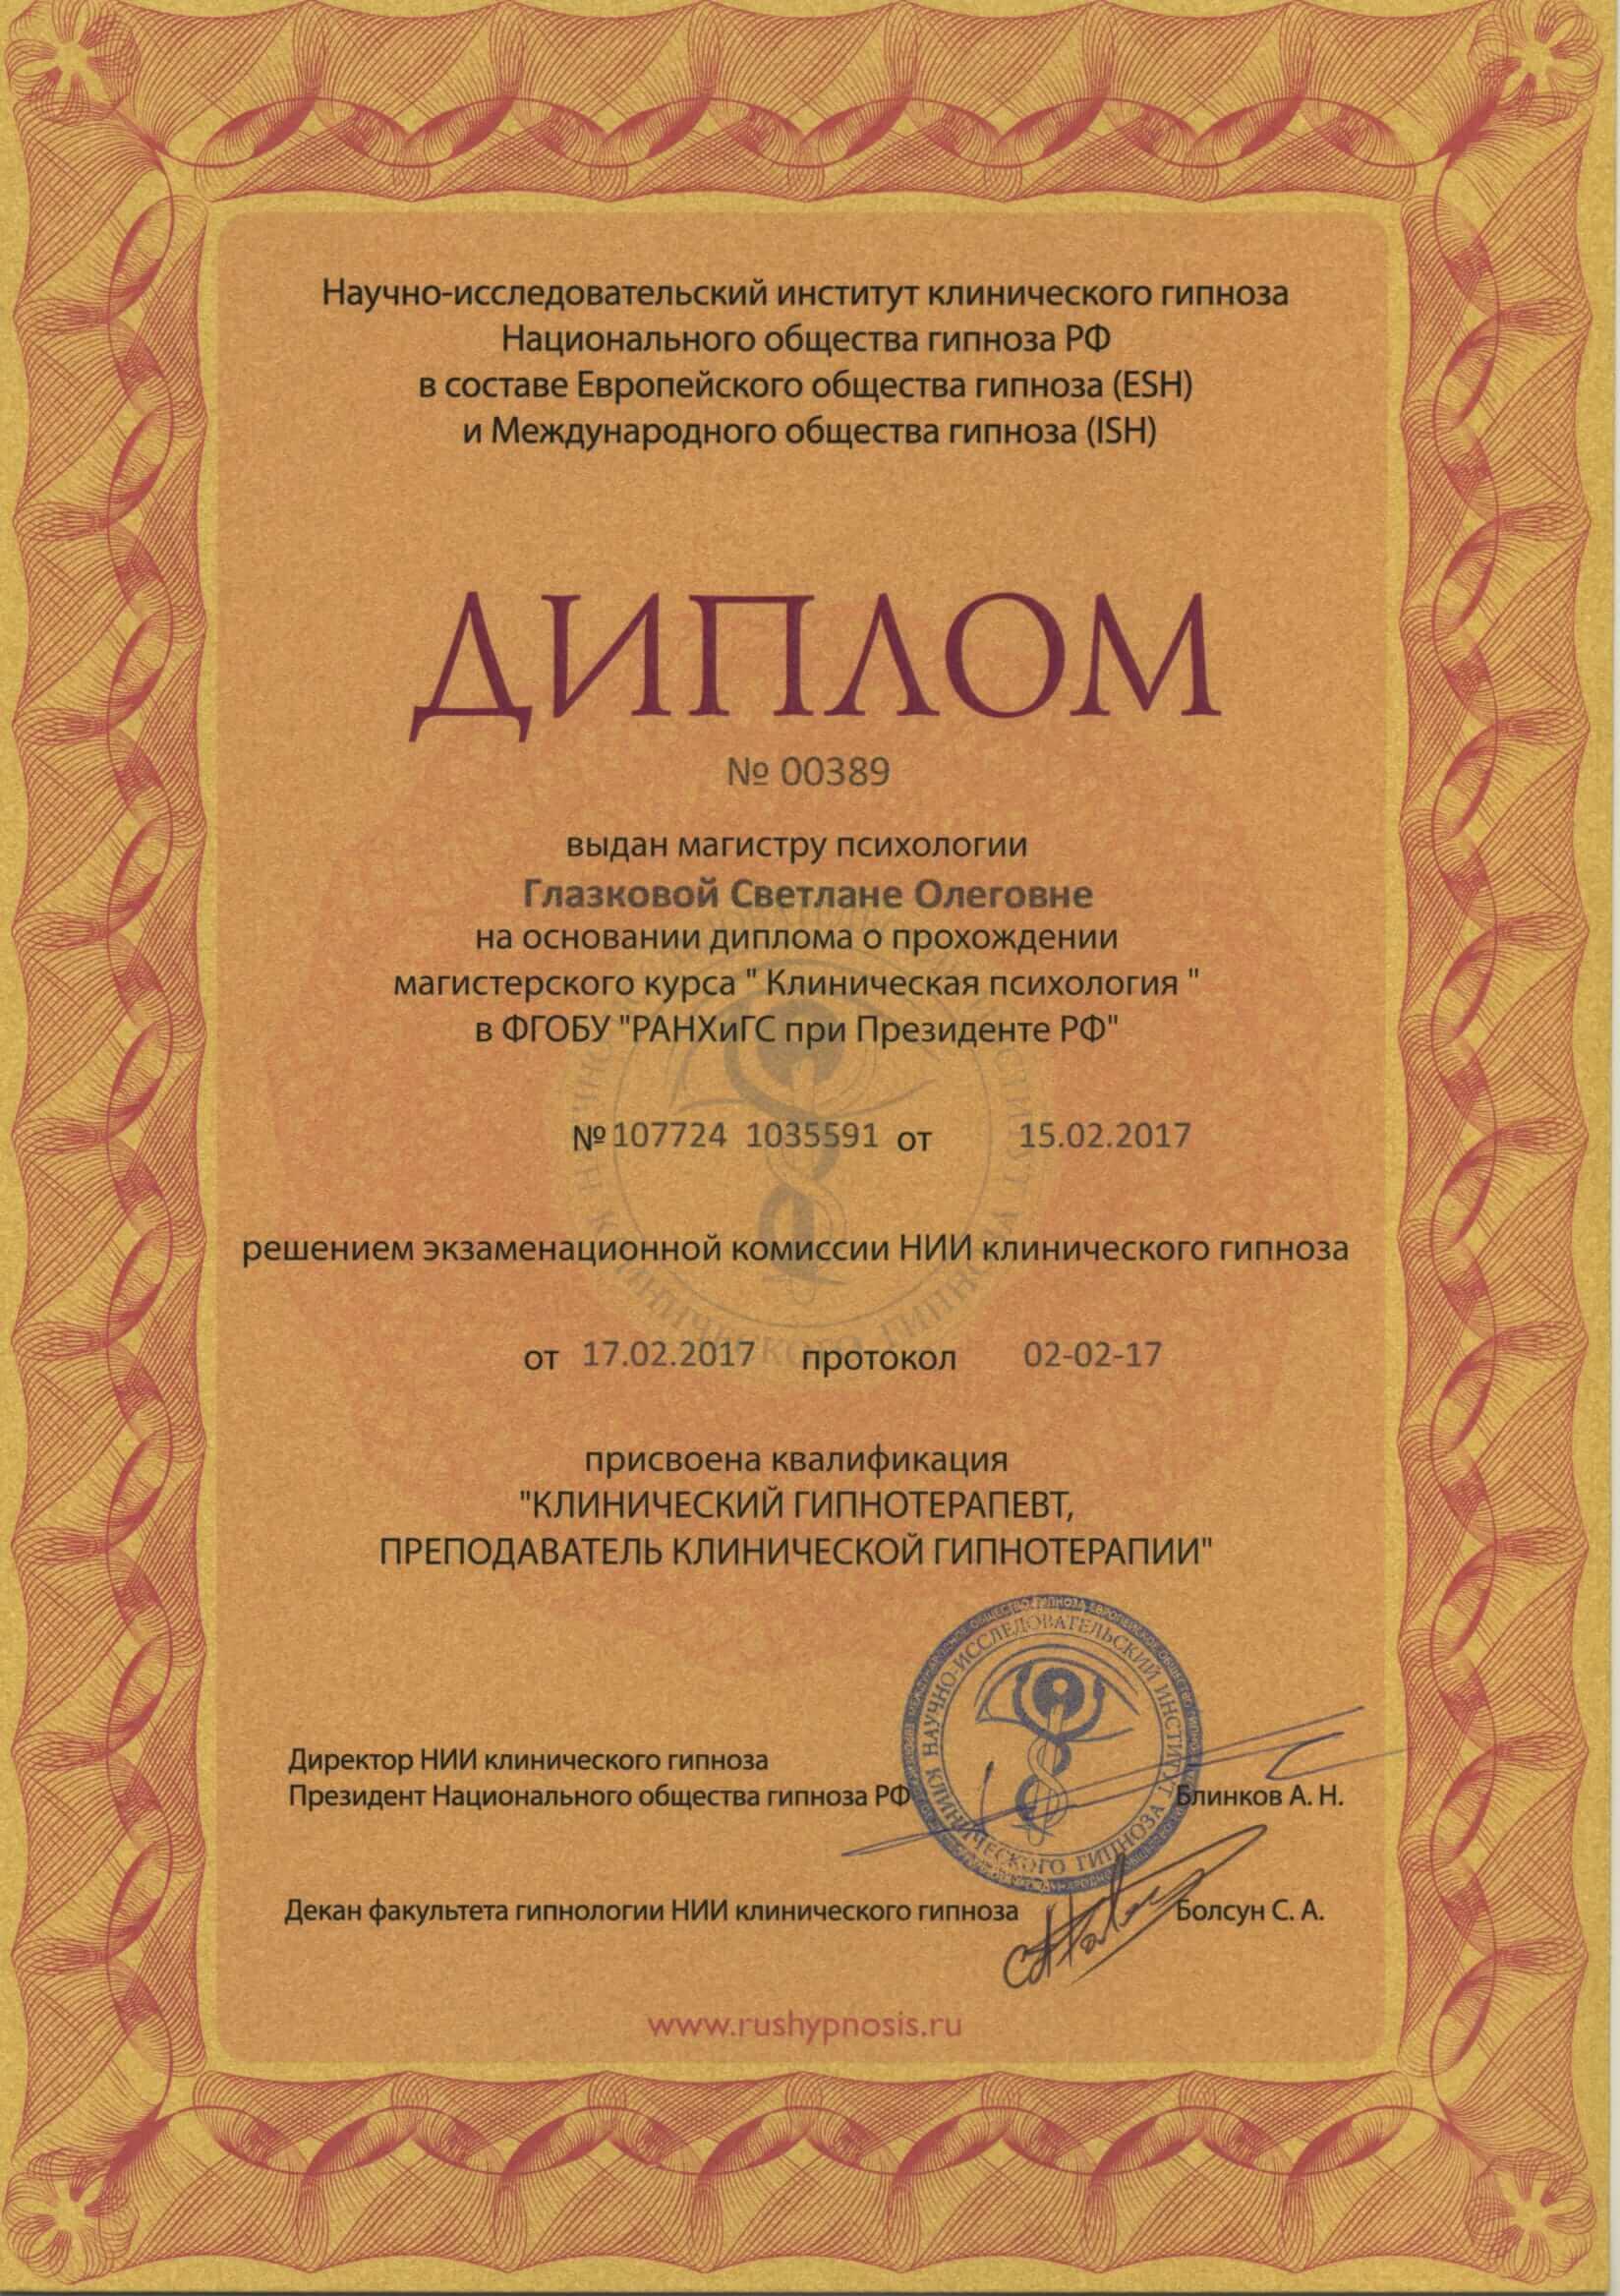 Диплом клинического гипнотерапевта, преподавателя гипнотерапии